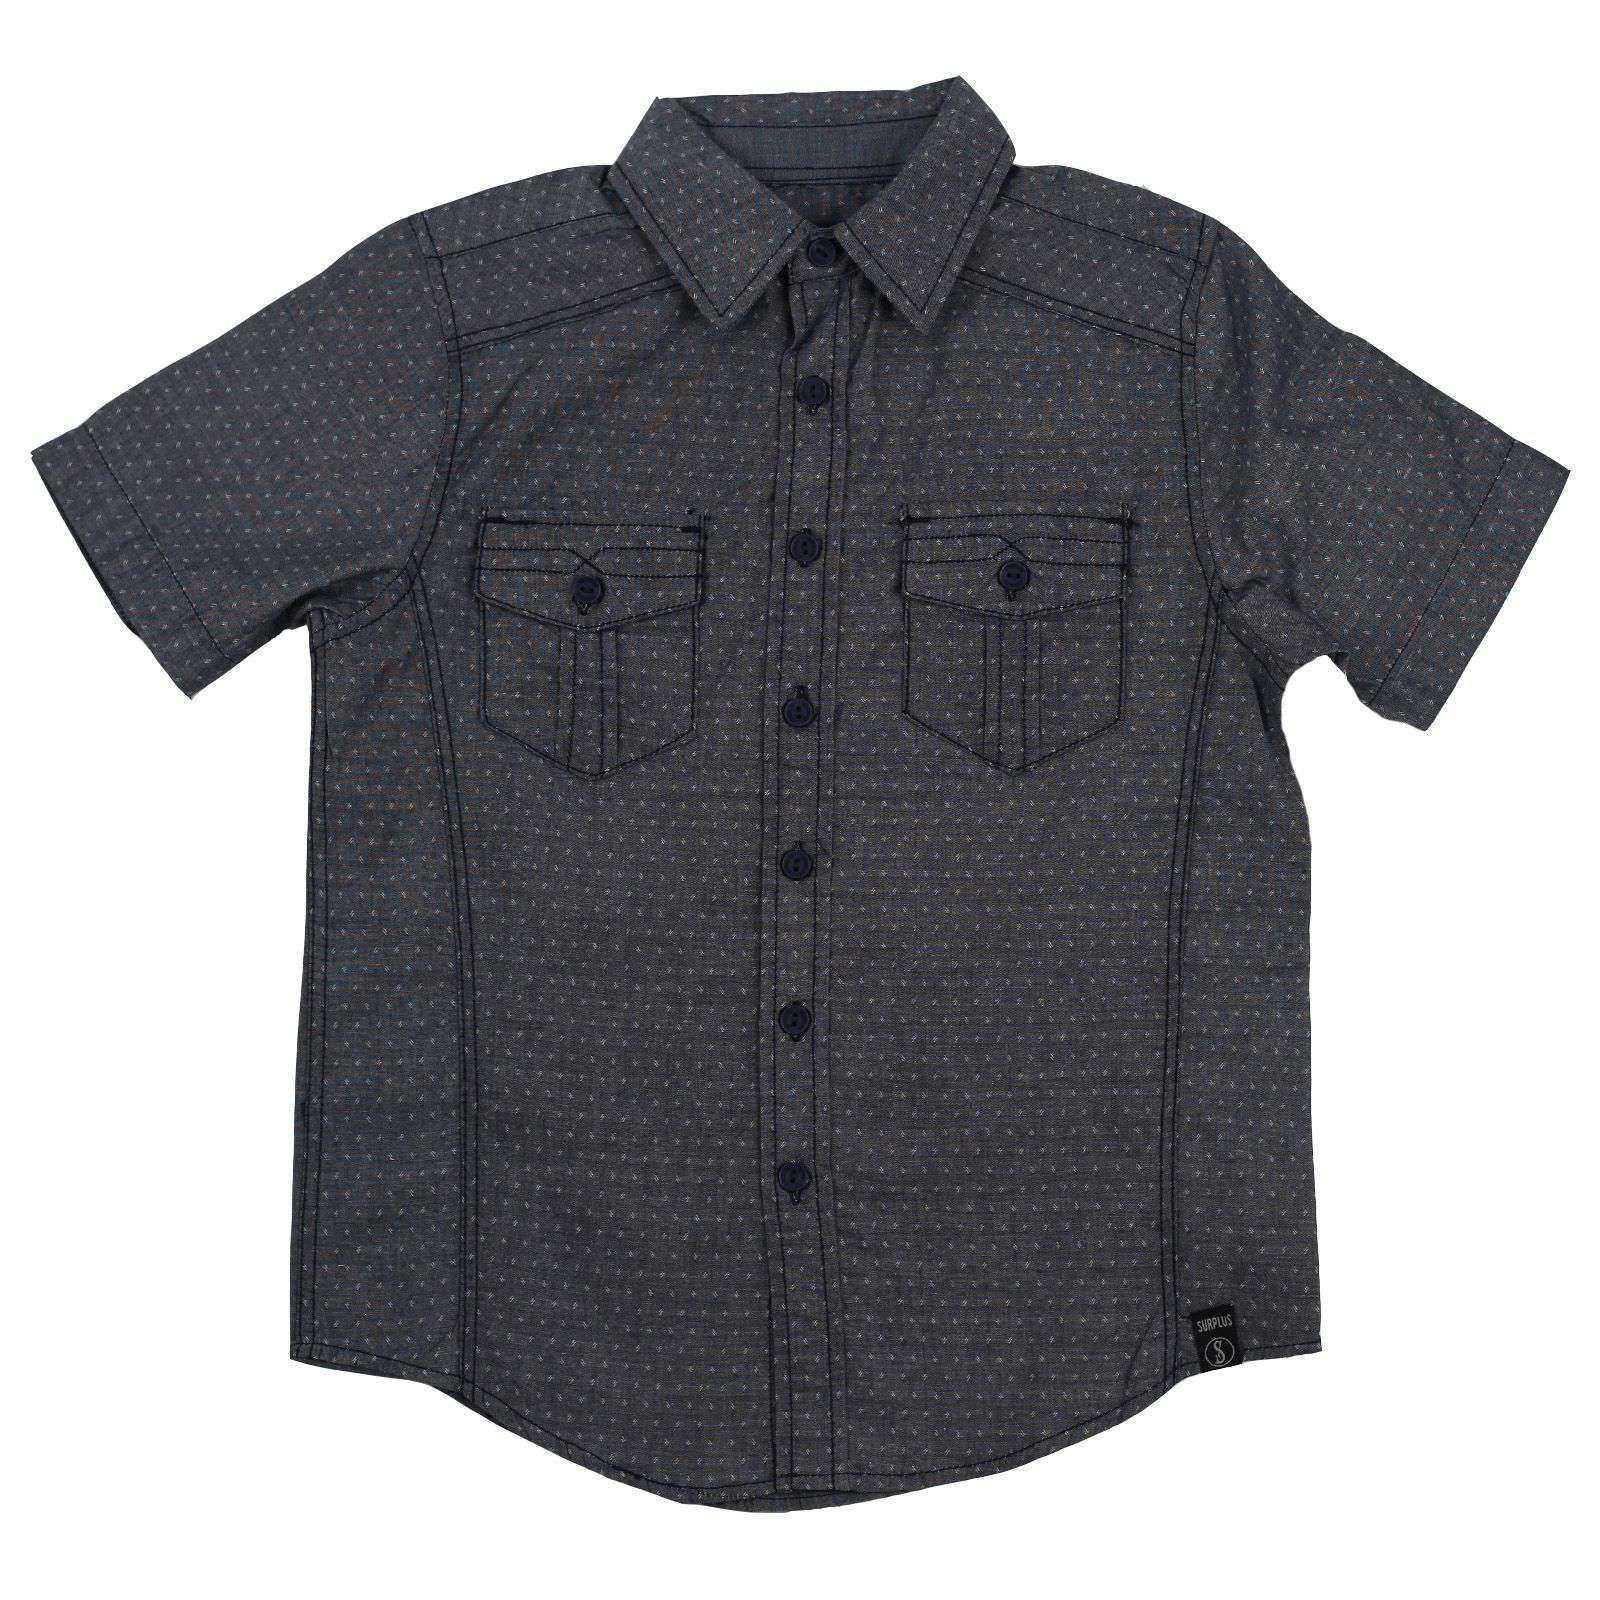 Классная рубашка для подростков от немецкого бренда Surplus